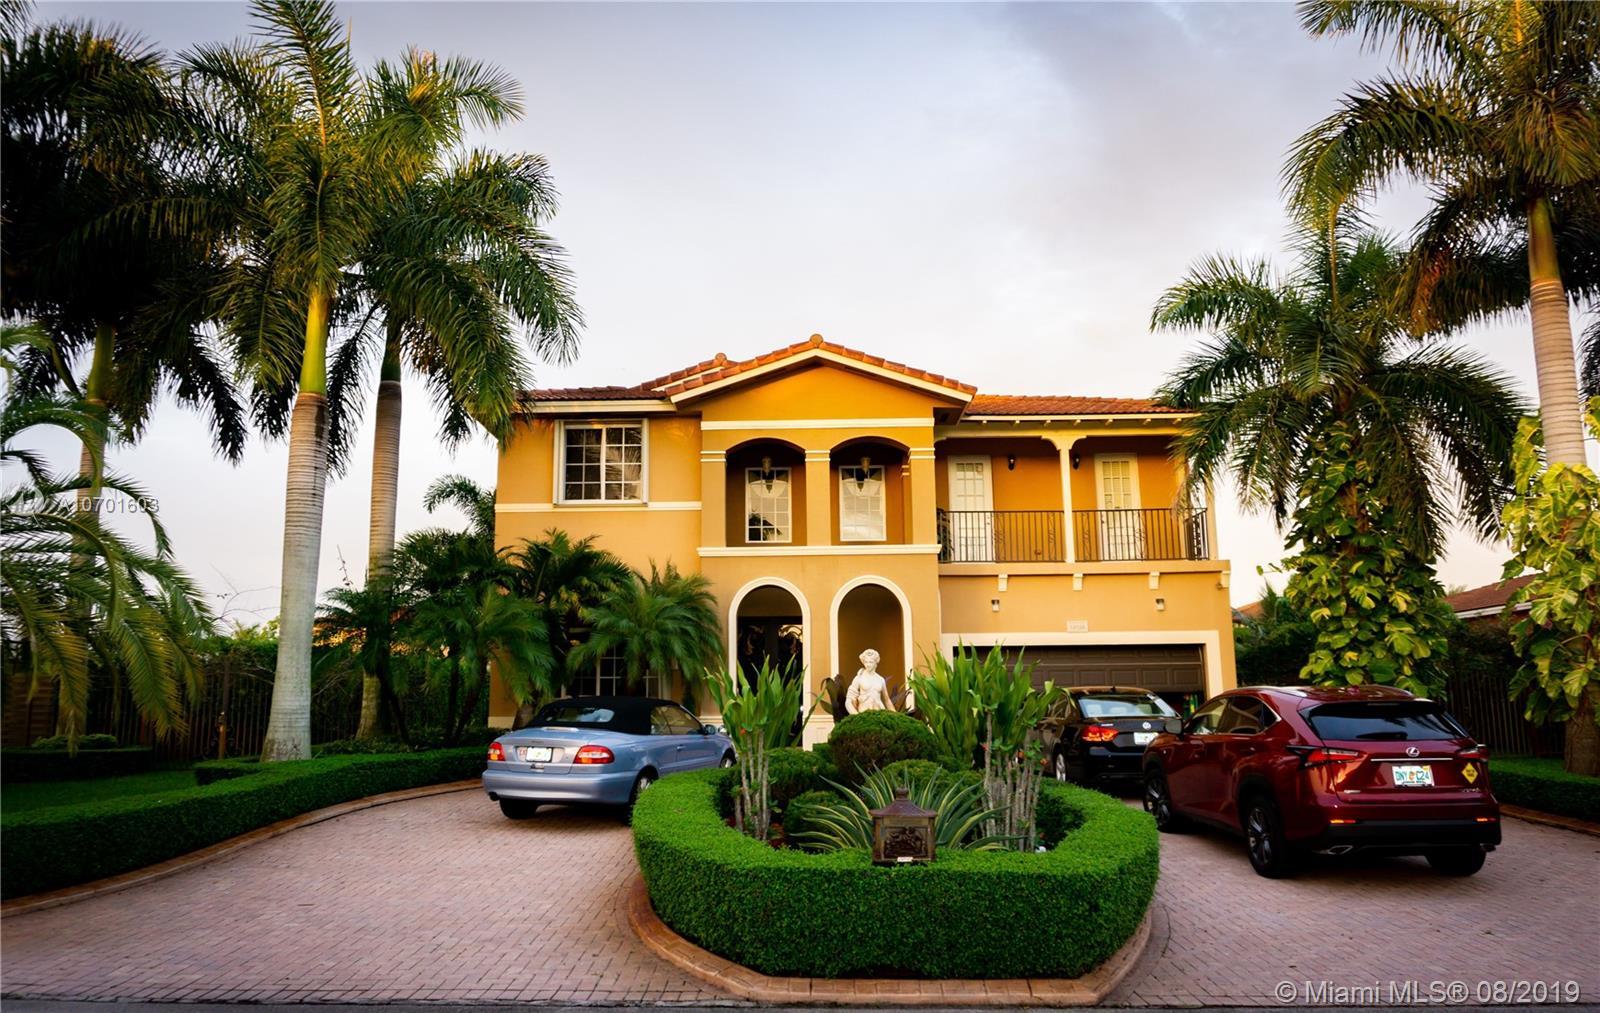 19765 SW 130th Ave, Miami, FL 33177